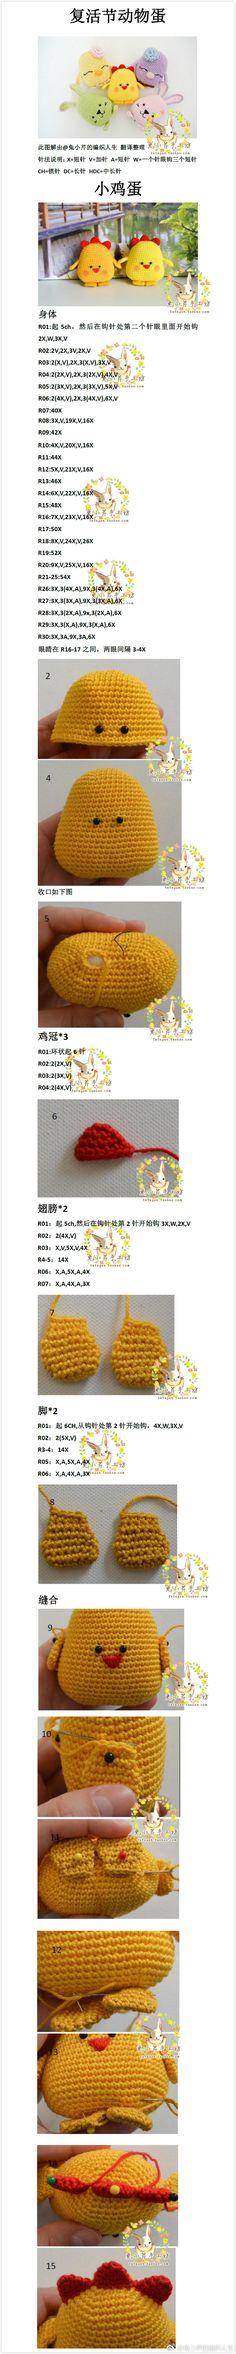 微博 Easter Crochet, Crochet Crafts, Crochet Baby, Free Crochet, Crochet Doll Pattern, Crochet Dolls, Crochet Patterns, Crochet Key Cover, Types Of Craft